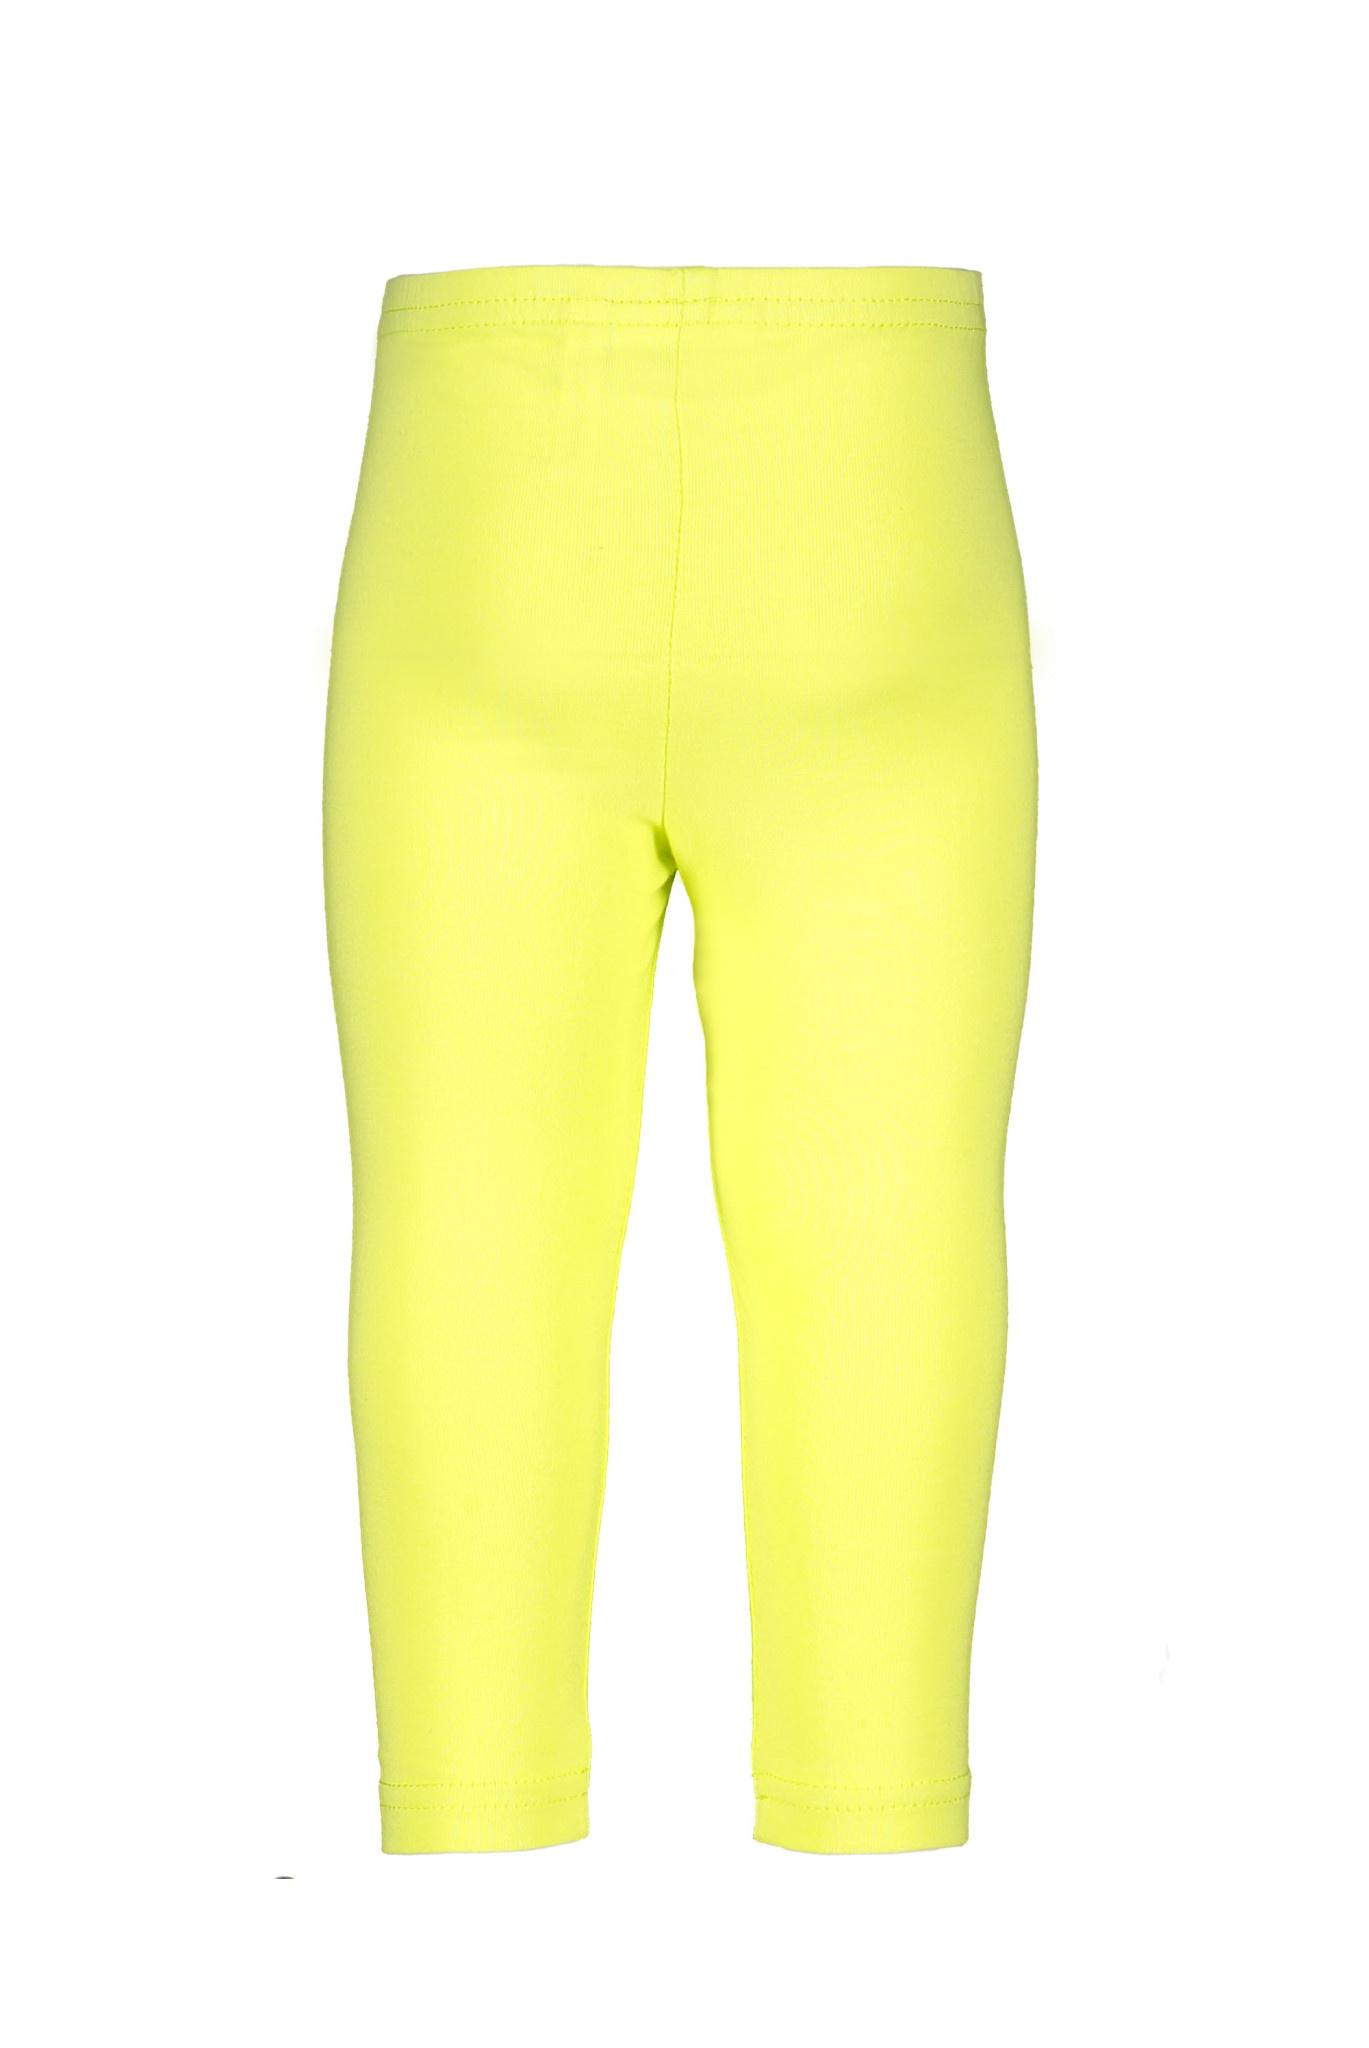 Eve Leggings - Lime